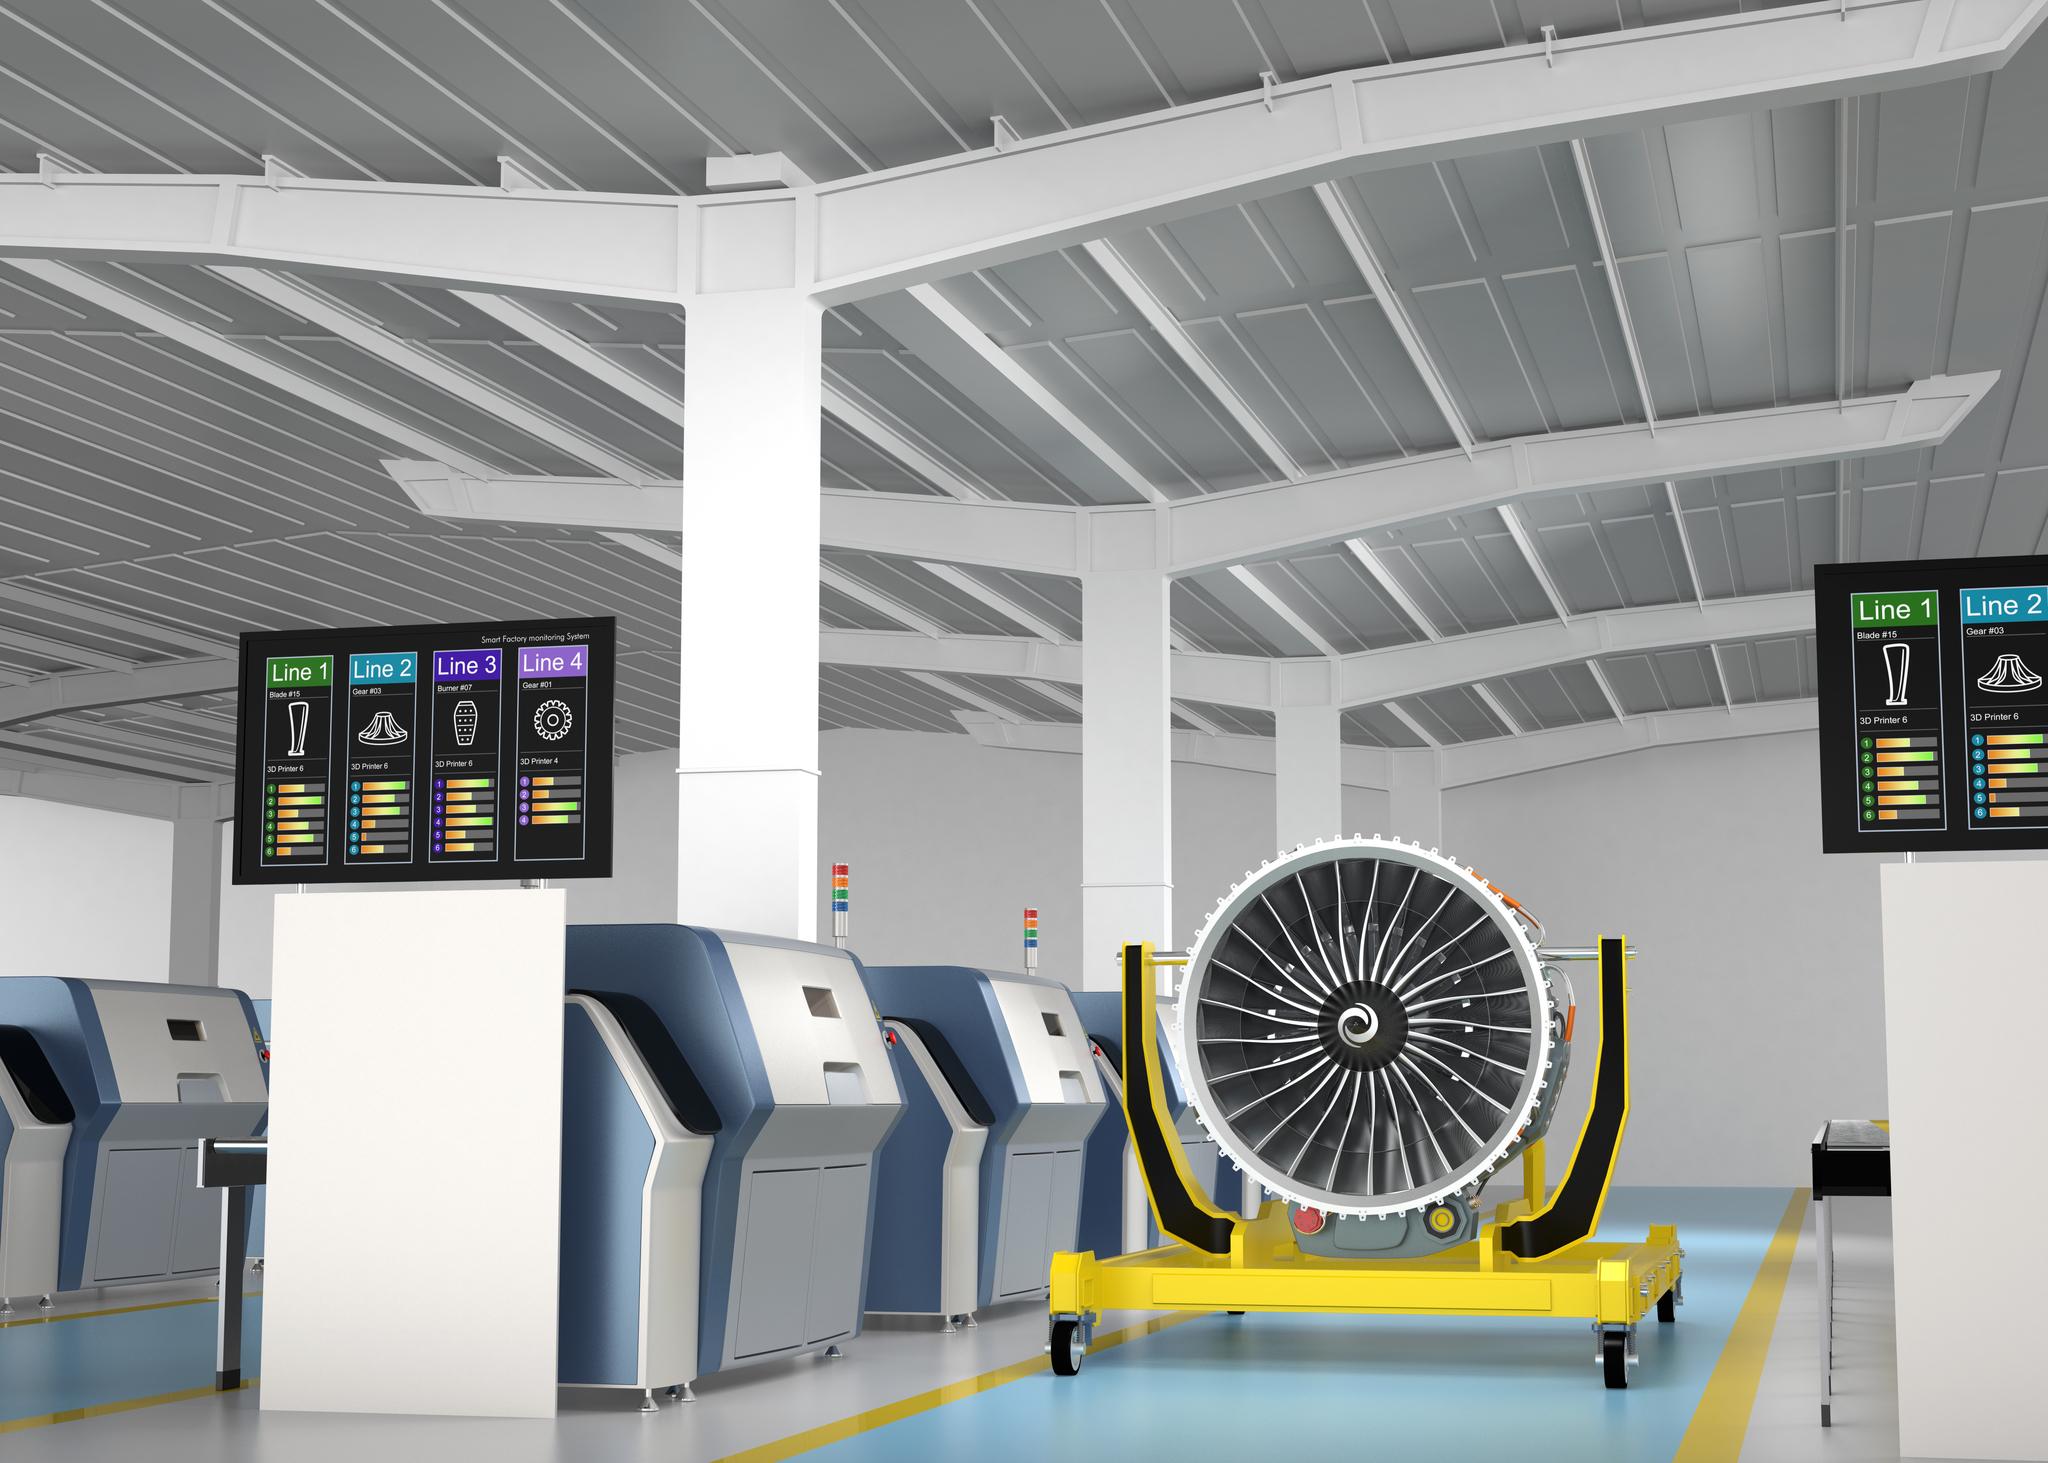 3D-печать может существенно повлиять нацепочки поставок товаров.